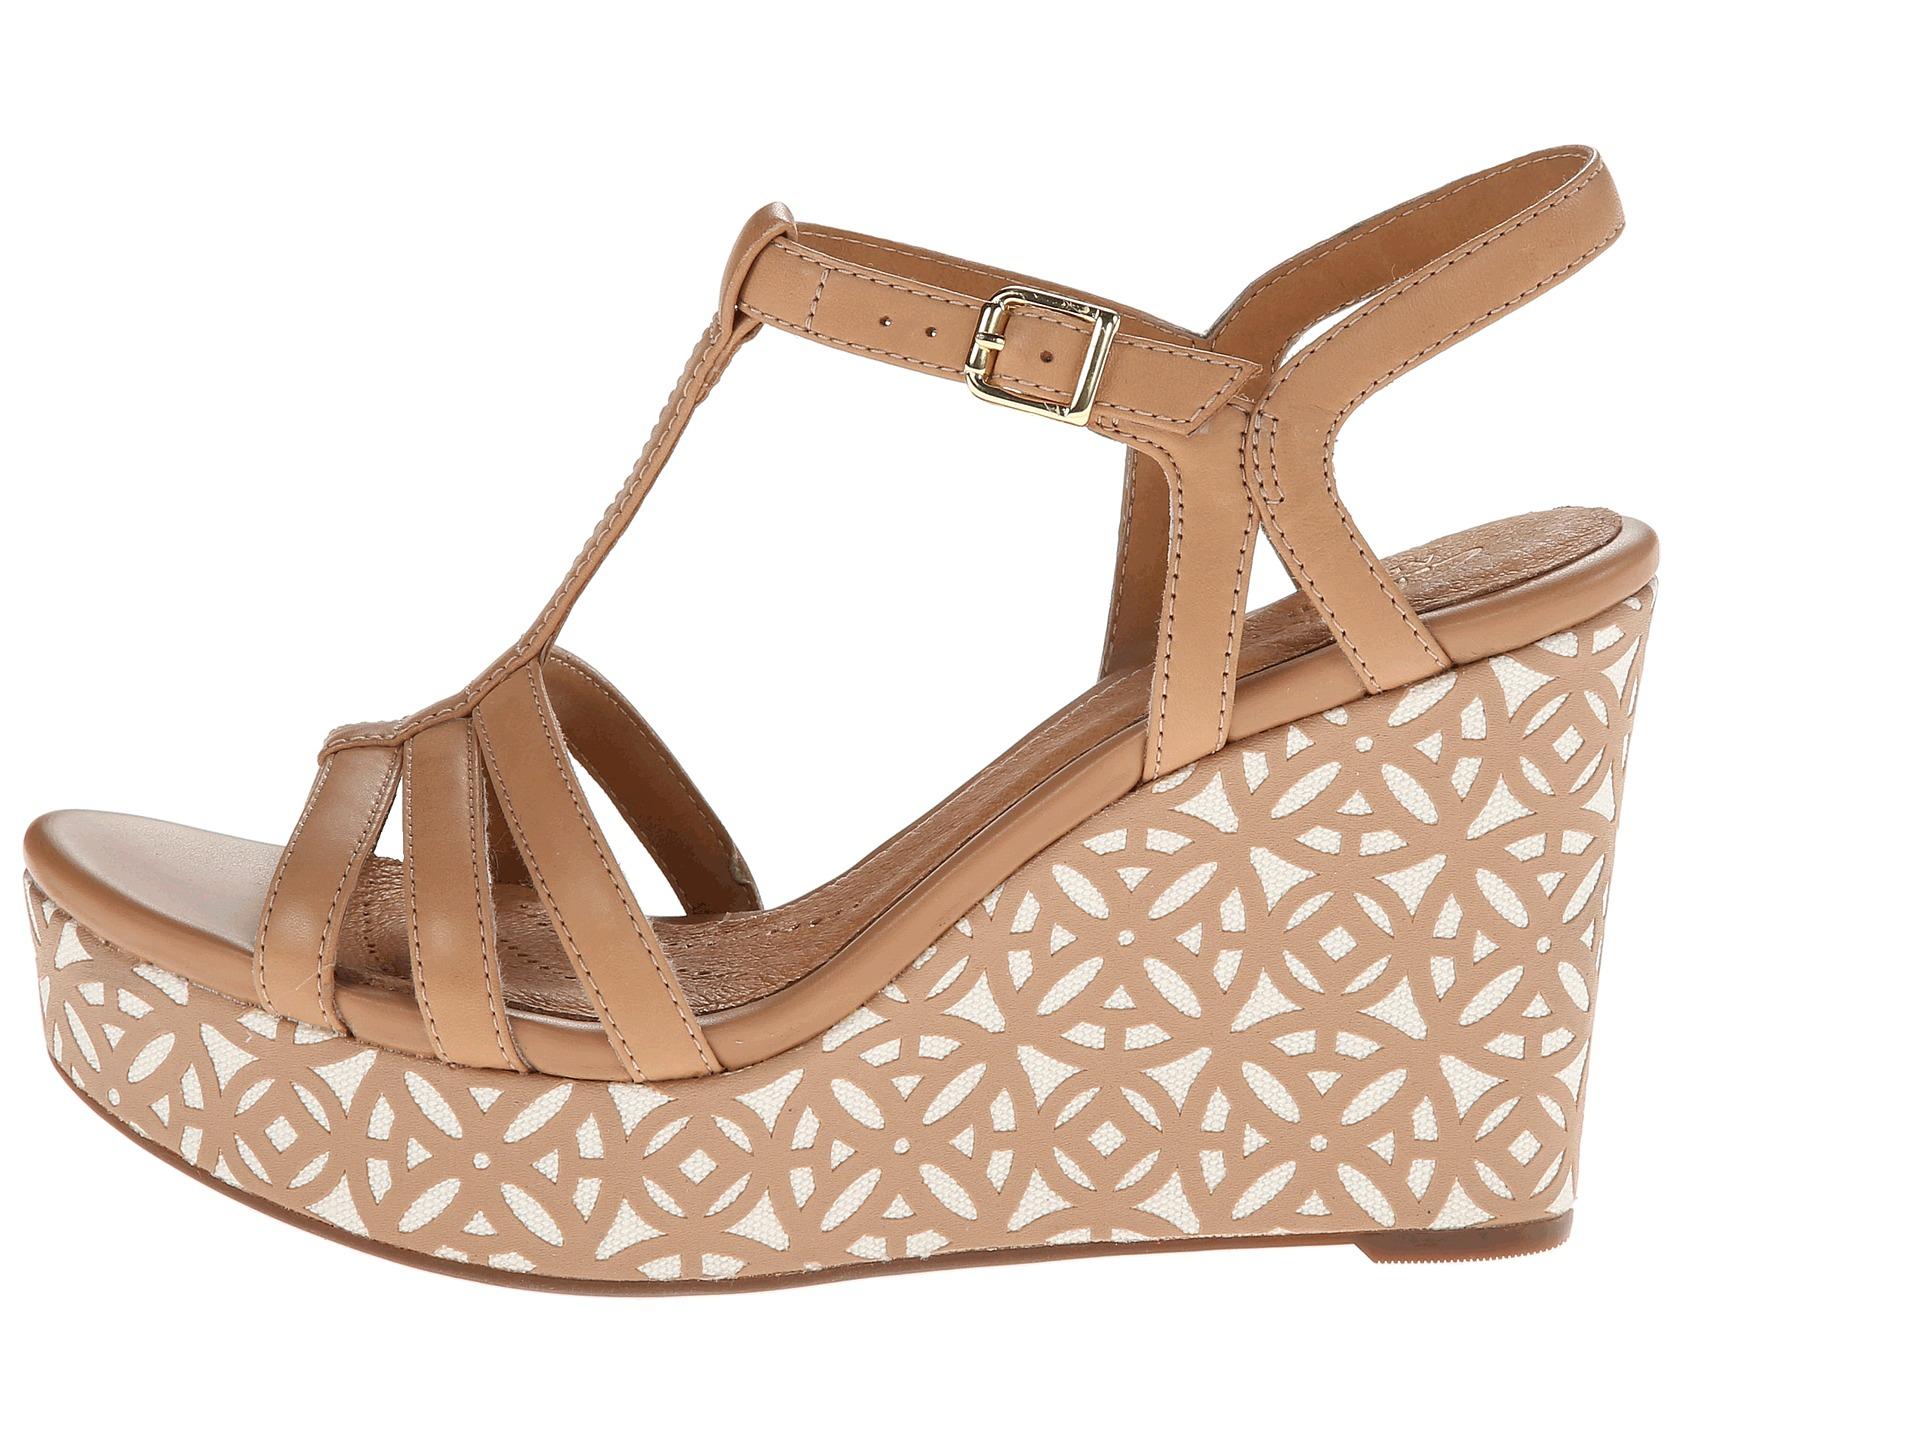 Clarks Amelia Avery Clarks- Beige sandals